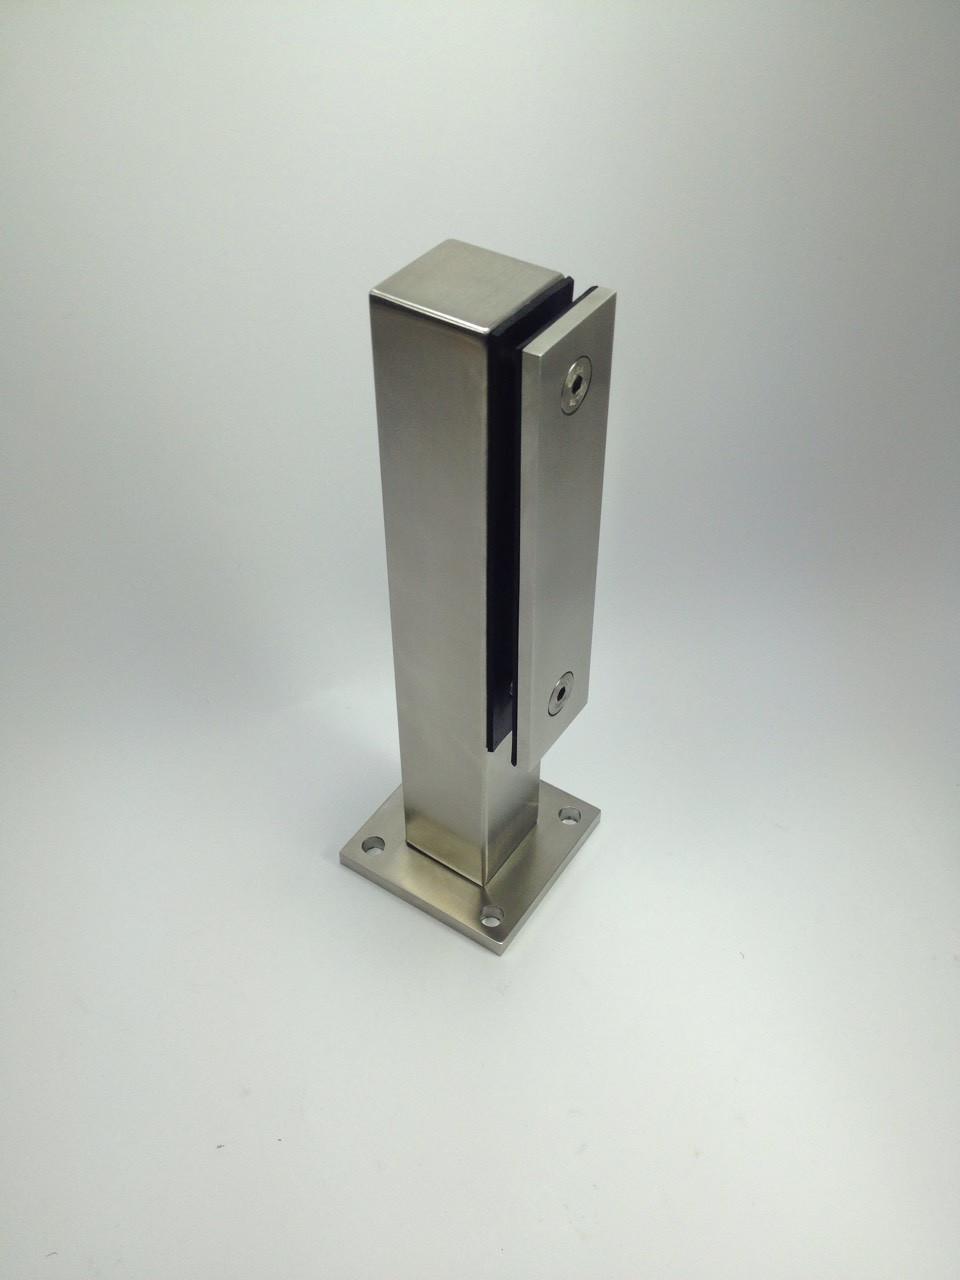 ODF-02-06-01-H250  Стойка для перил из стекла высотой 250 мм с прижимной планкой